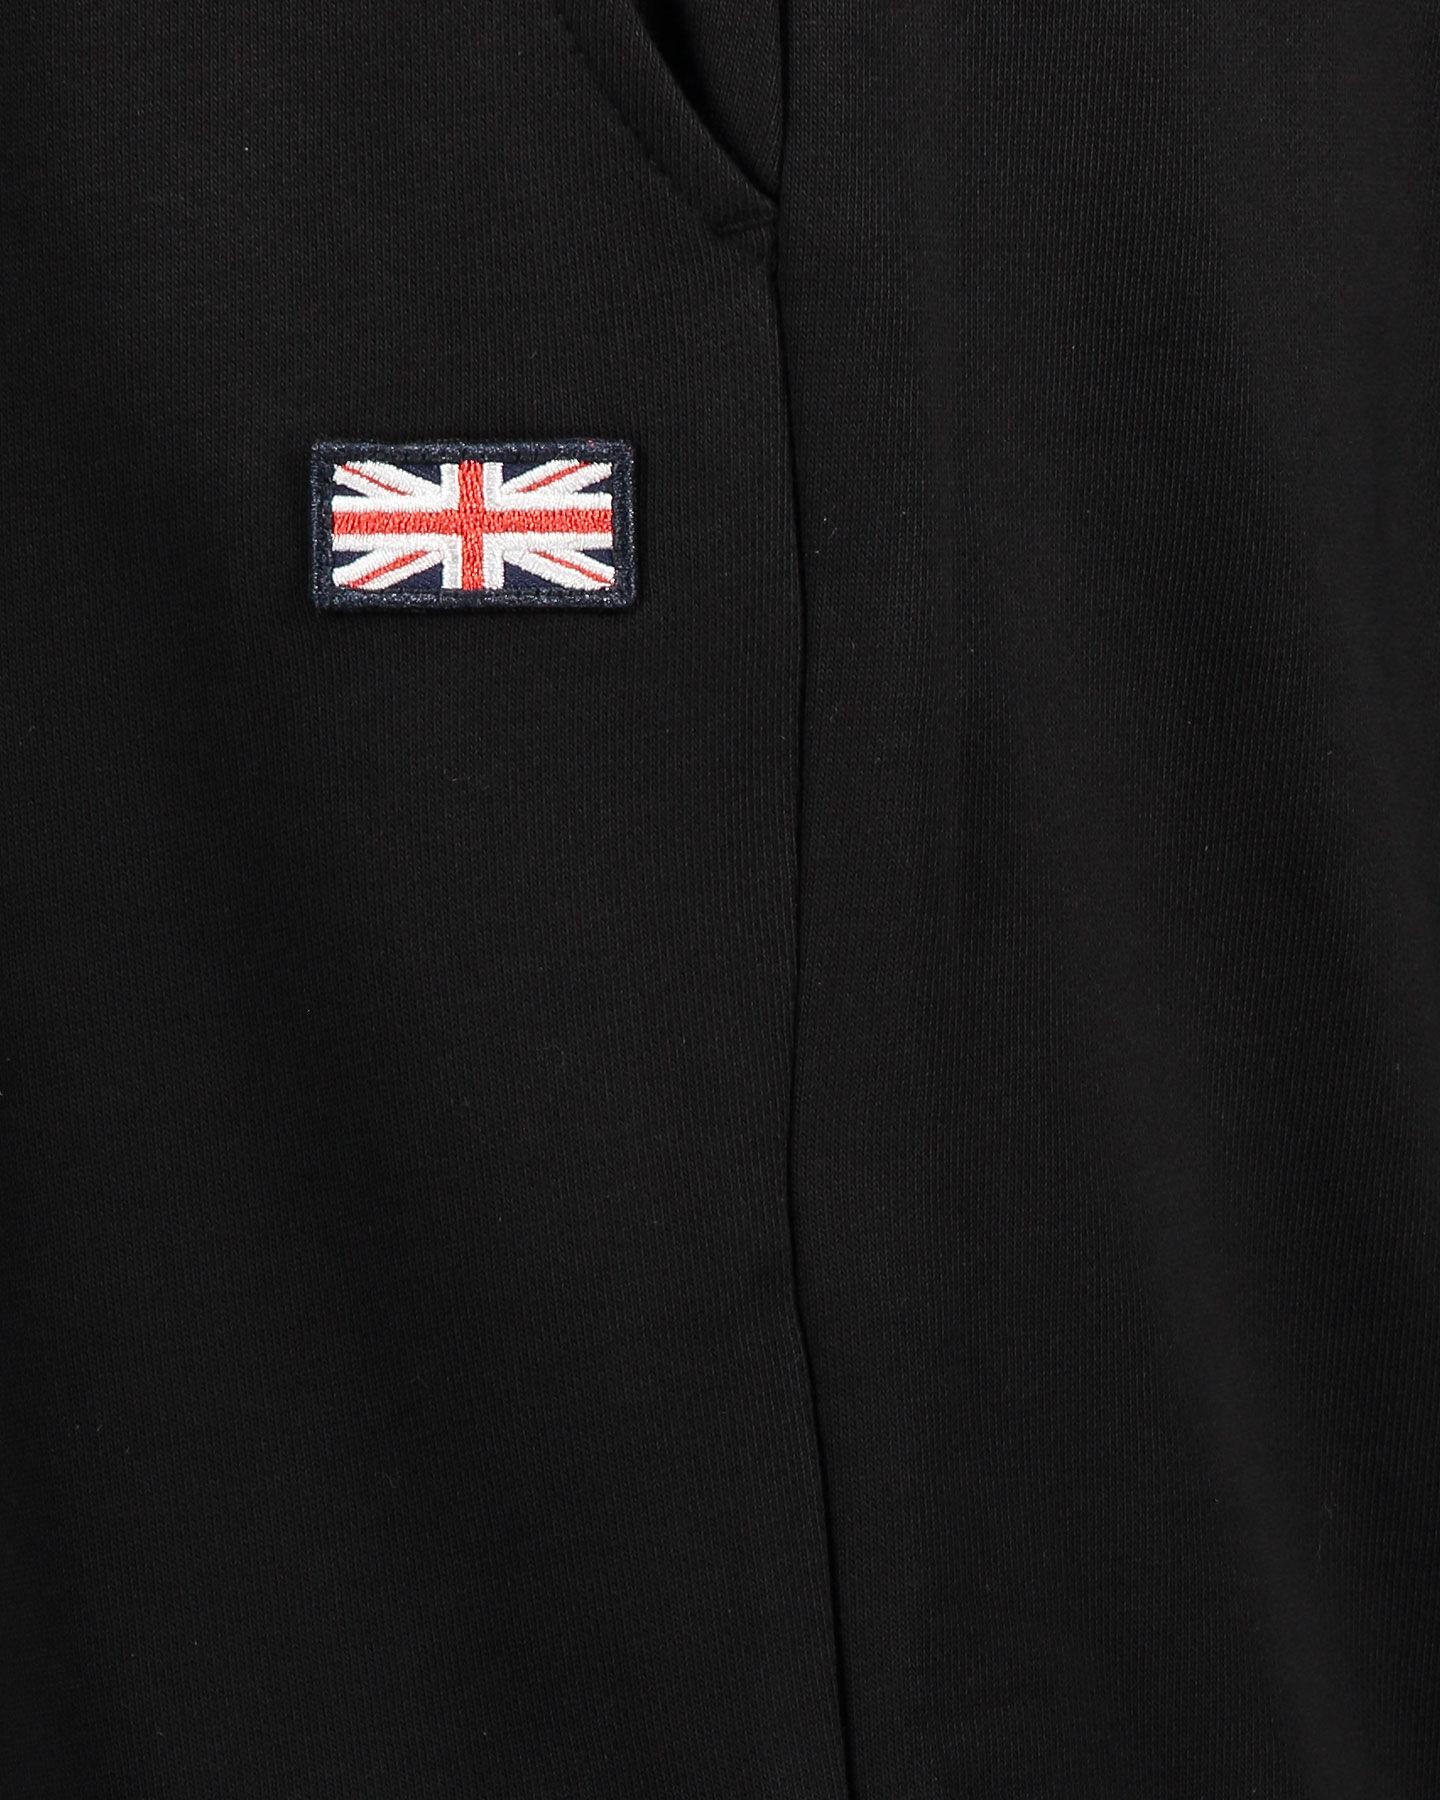 Pantalone ADMIRAL COLLEGE M S4080599 scatto 3